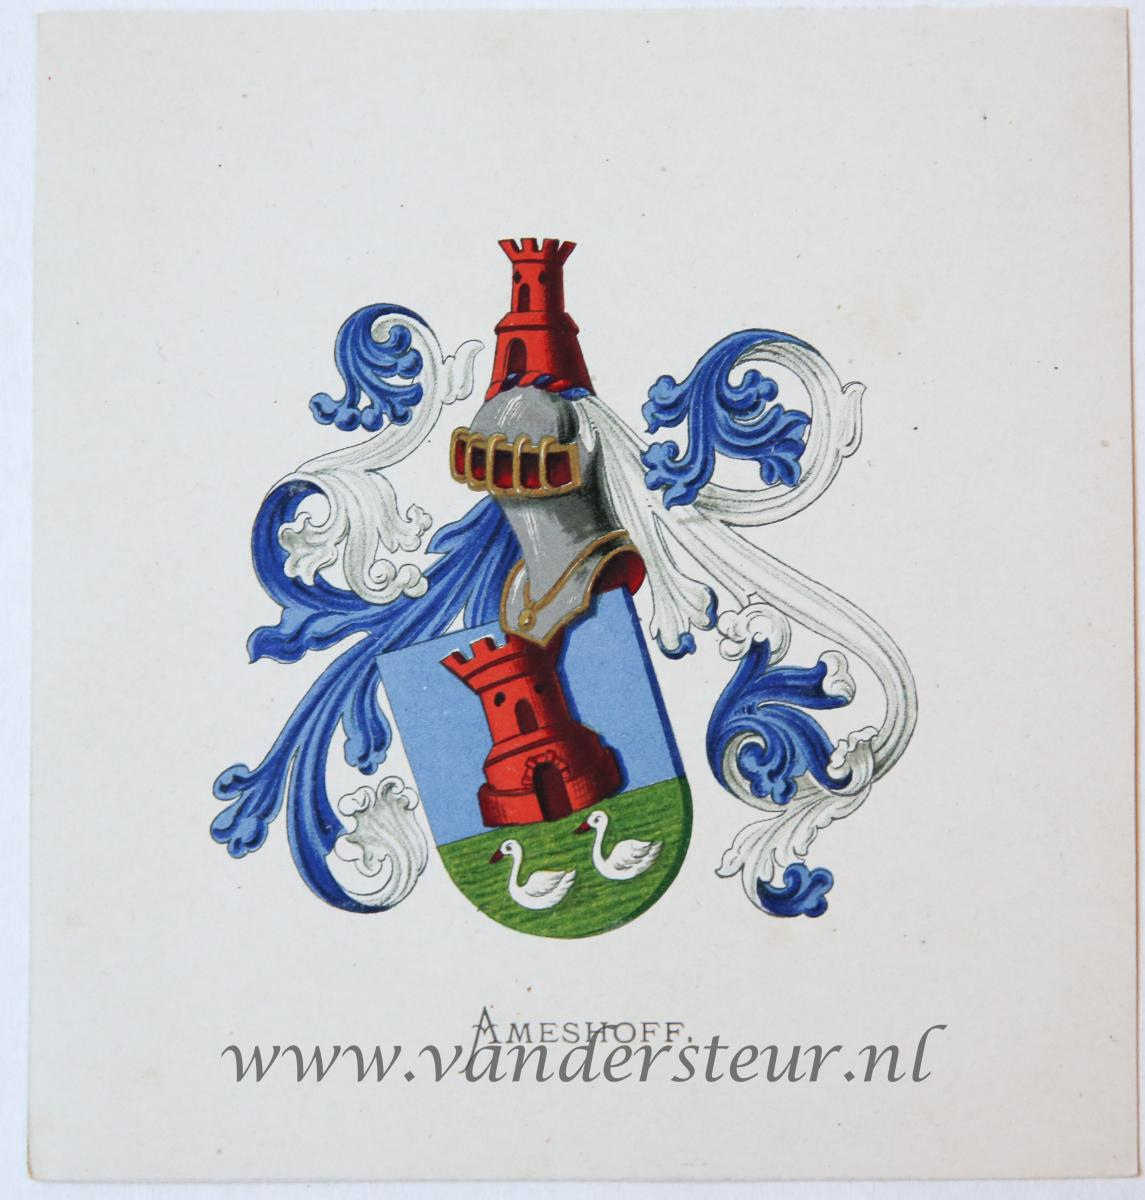 Wapenkaart/Coat of Arms: Ameshoff